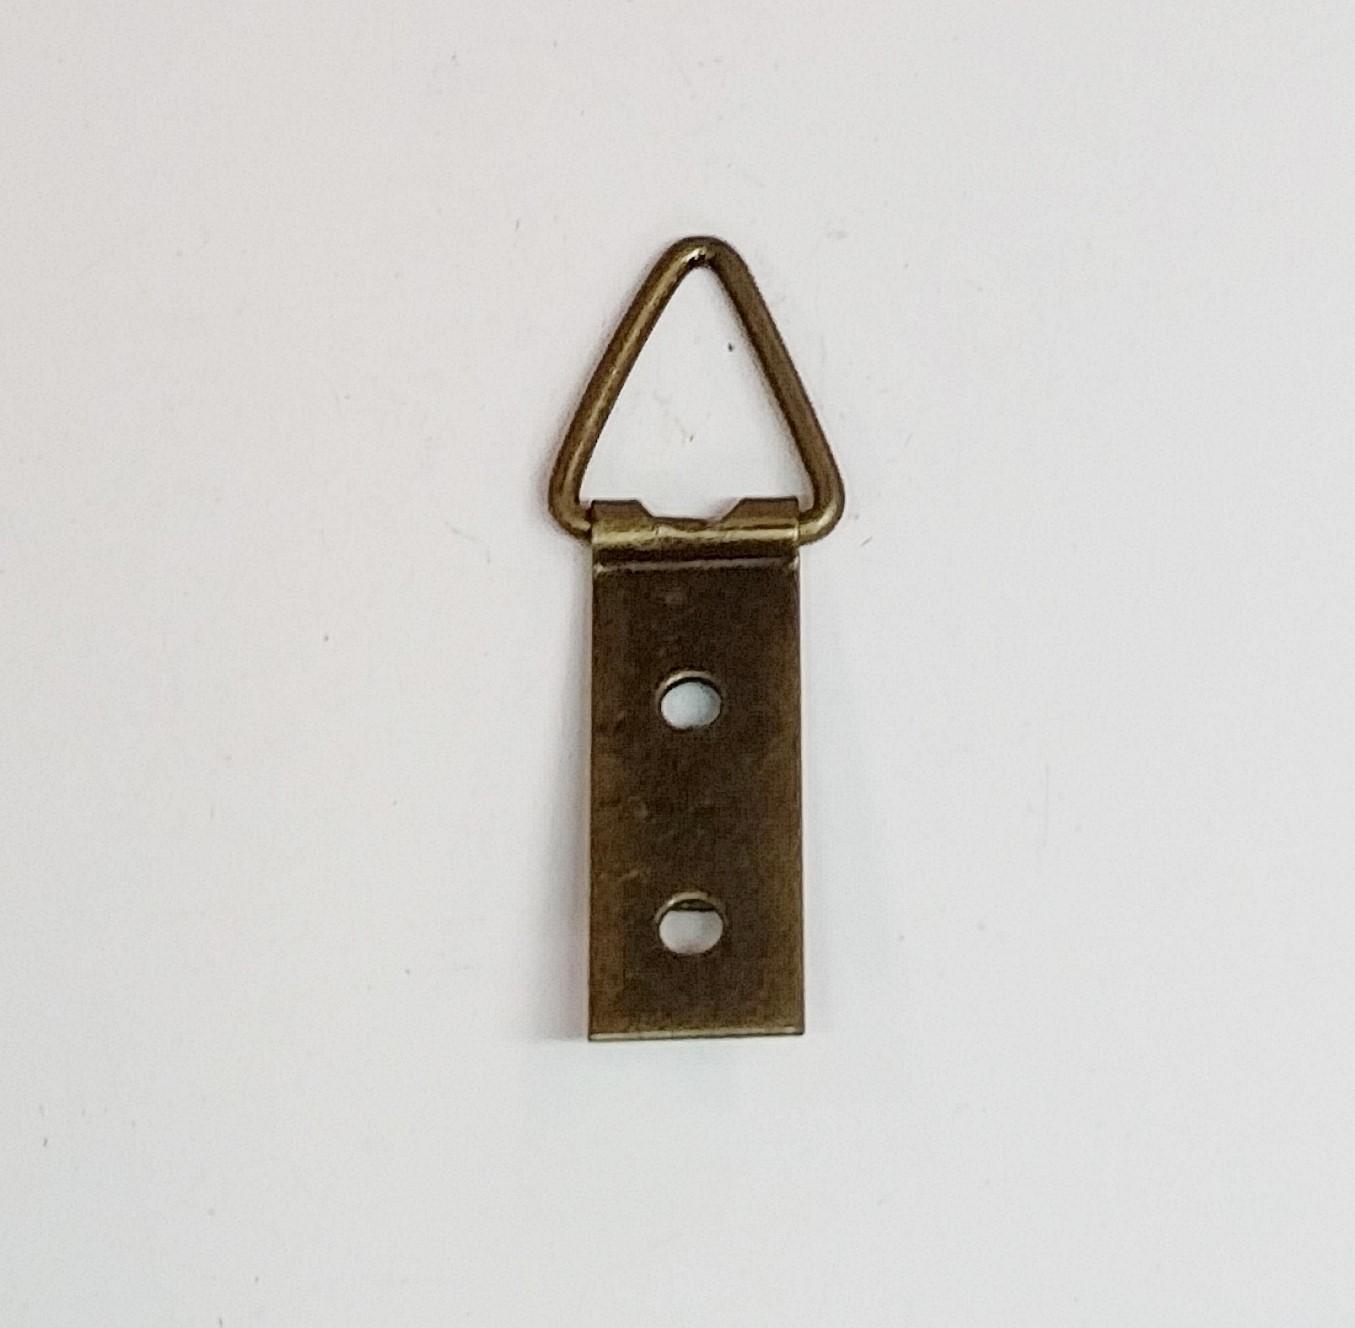 Suporte p/ Quadros 10mm x 42mm 2 Furos Ouro Velho